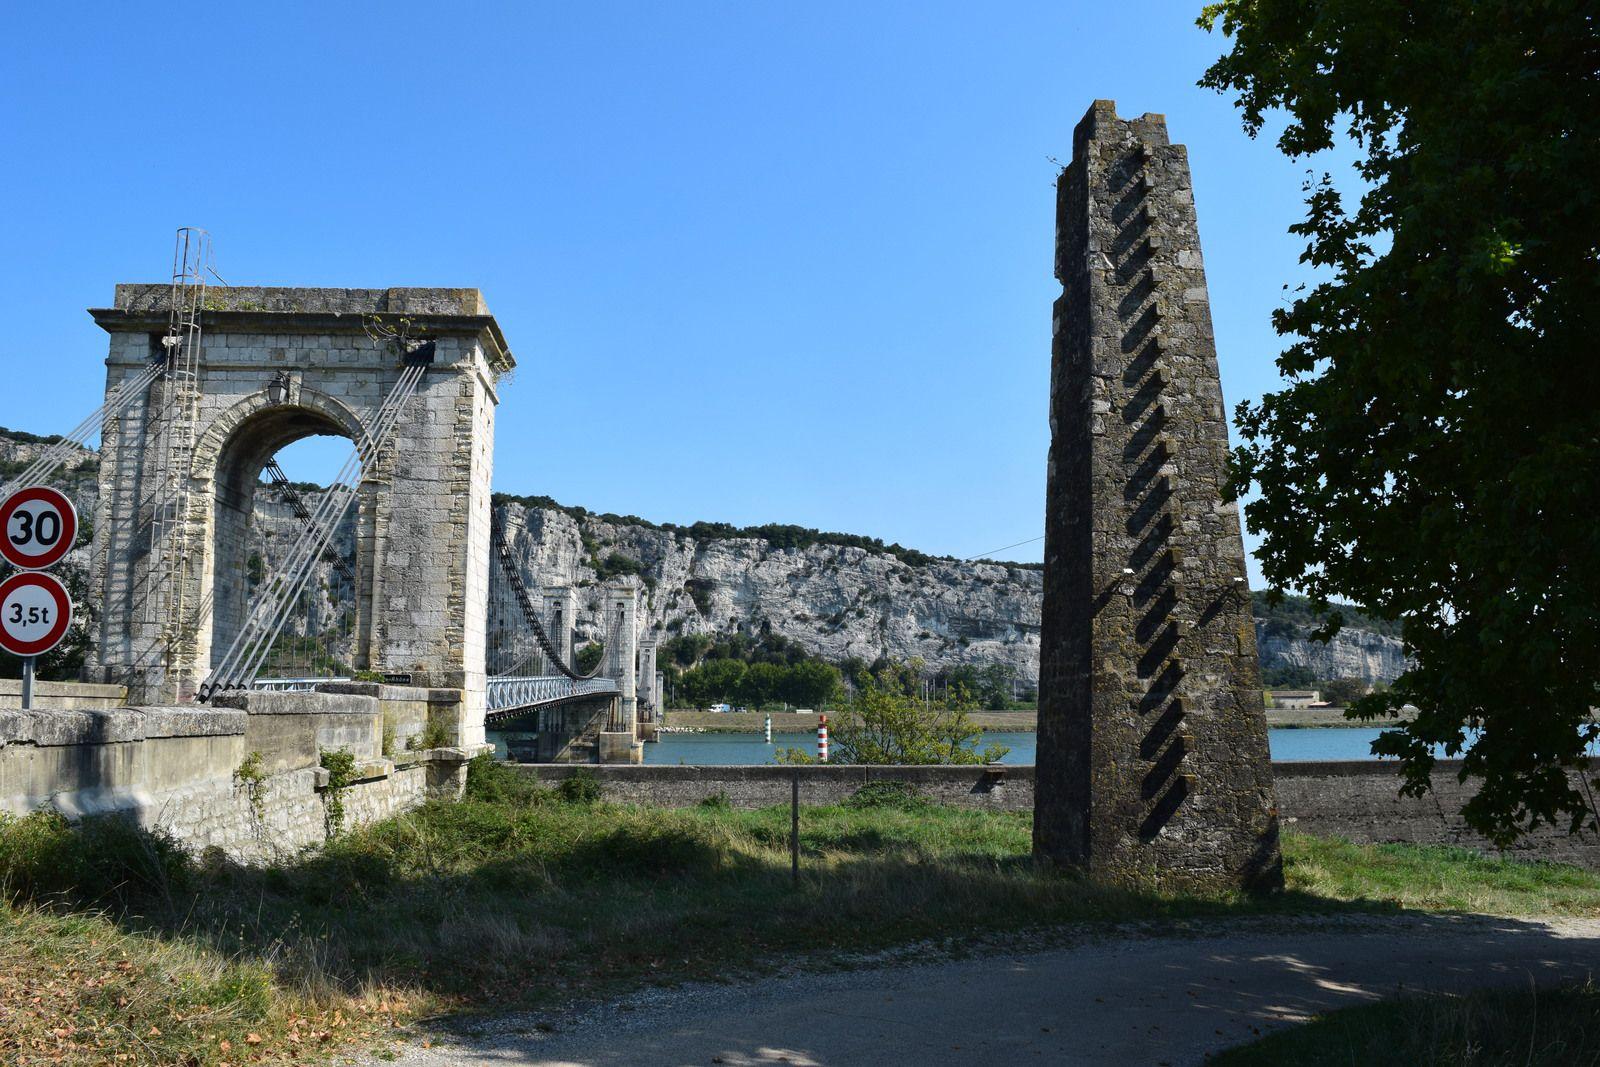 En rive droite, côté Viviers en Ardèche donc , c'est une pile de plan carré et de forme tronconique qui recevait le câblage. Cette pile maçonnée, en moellons de calcaire avec chaînes en pierre de taille, subsiste toujours à 10 m en amont de l'arc monumental formant tête de pont du pont suspendu.